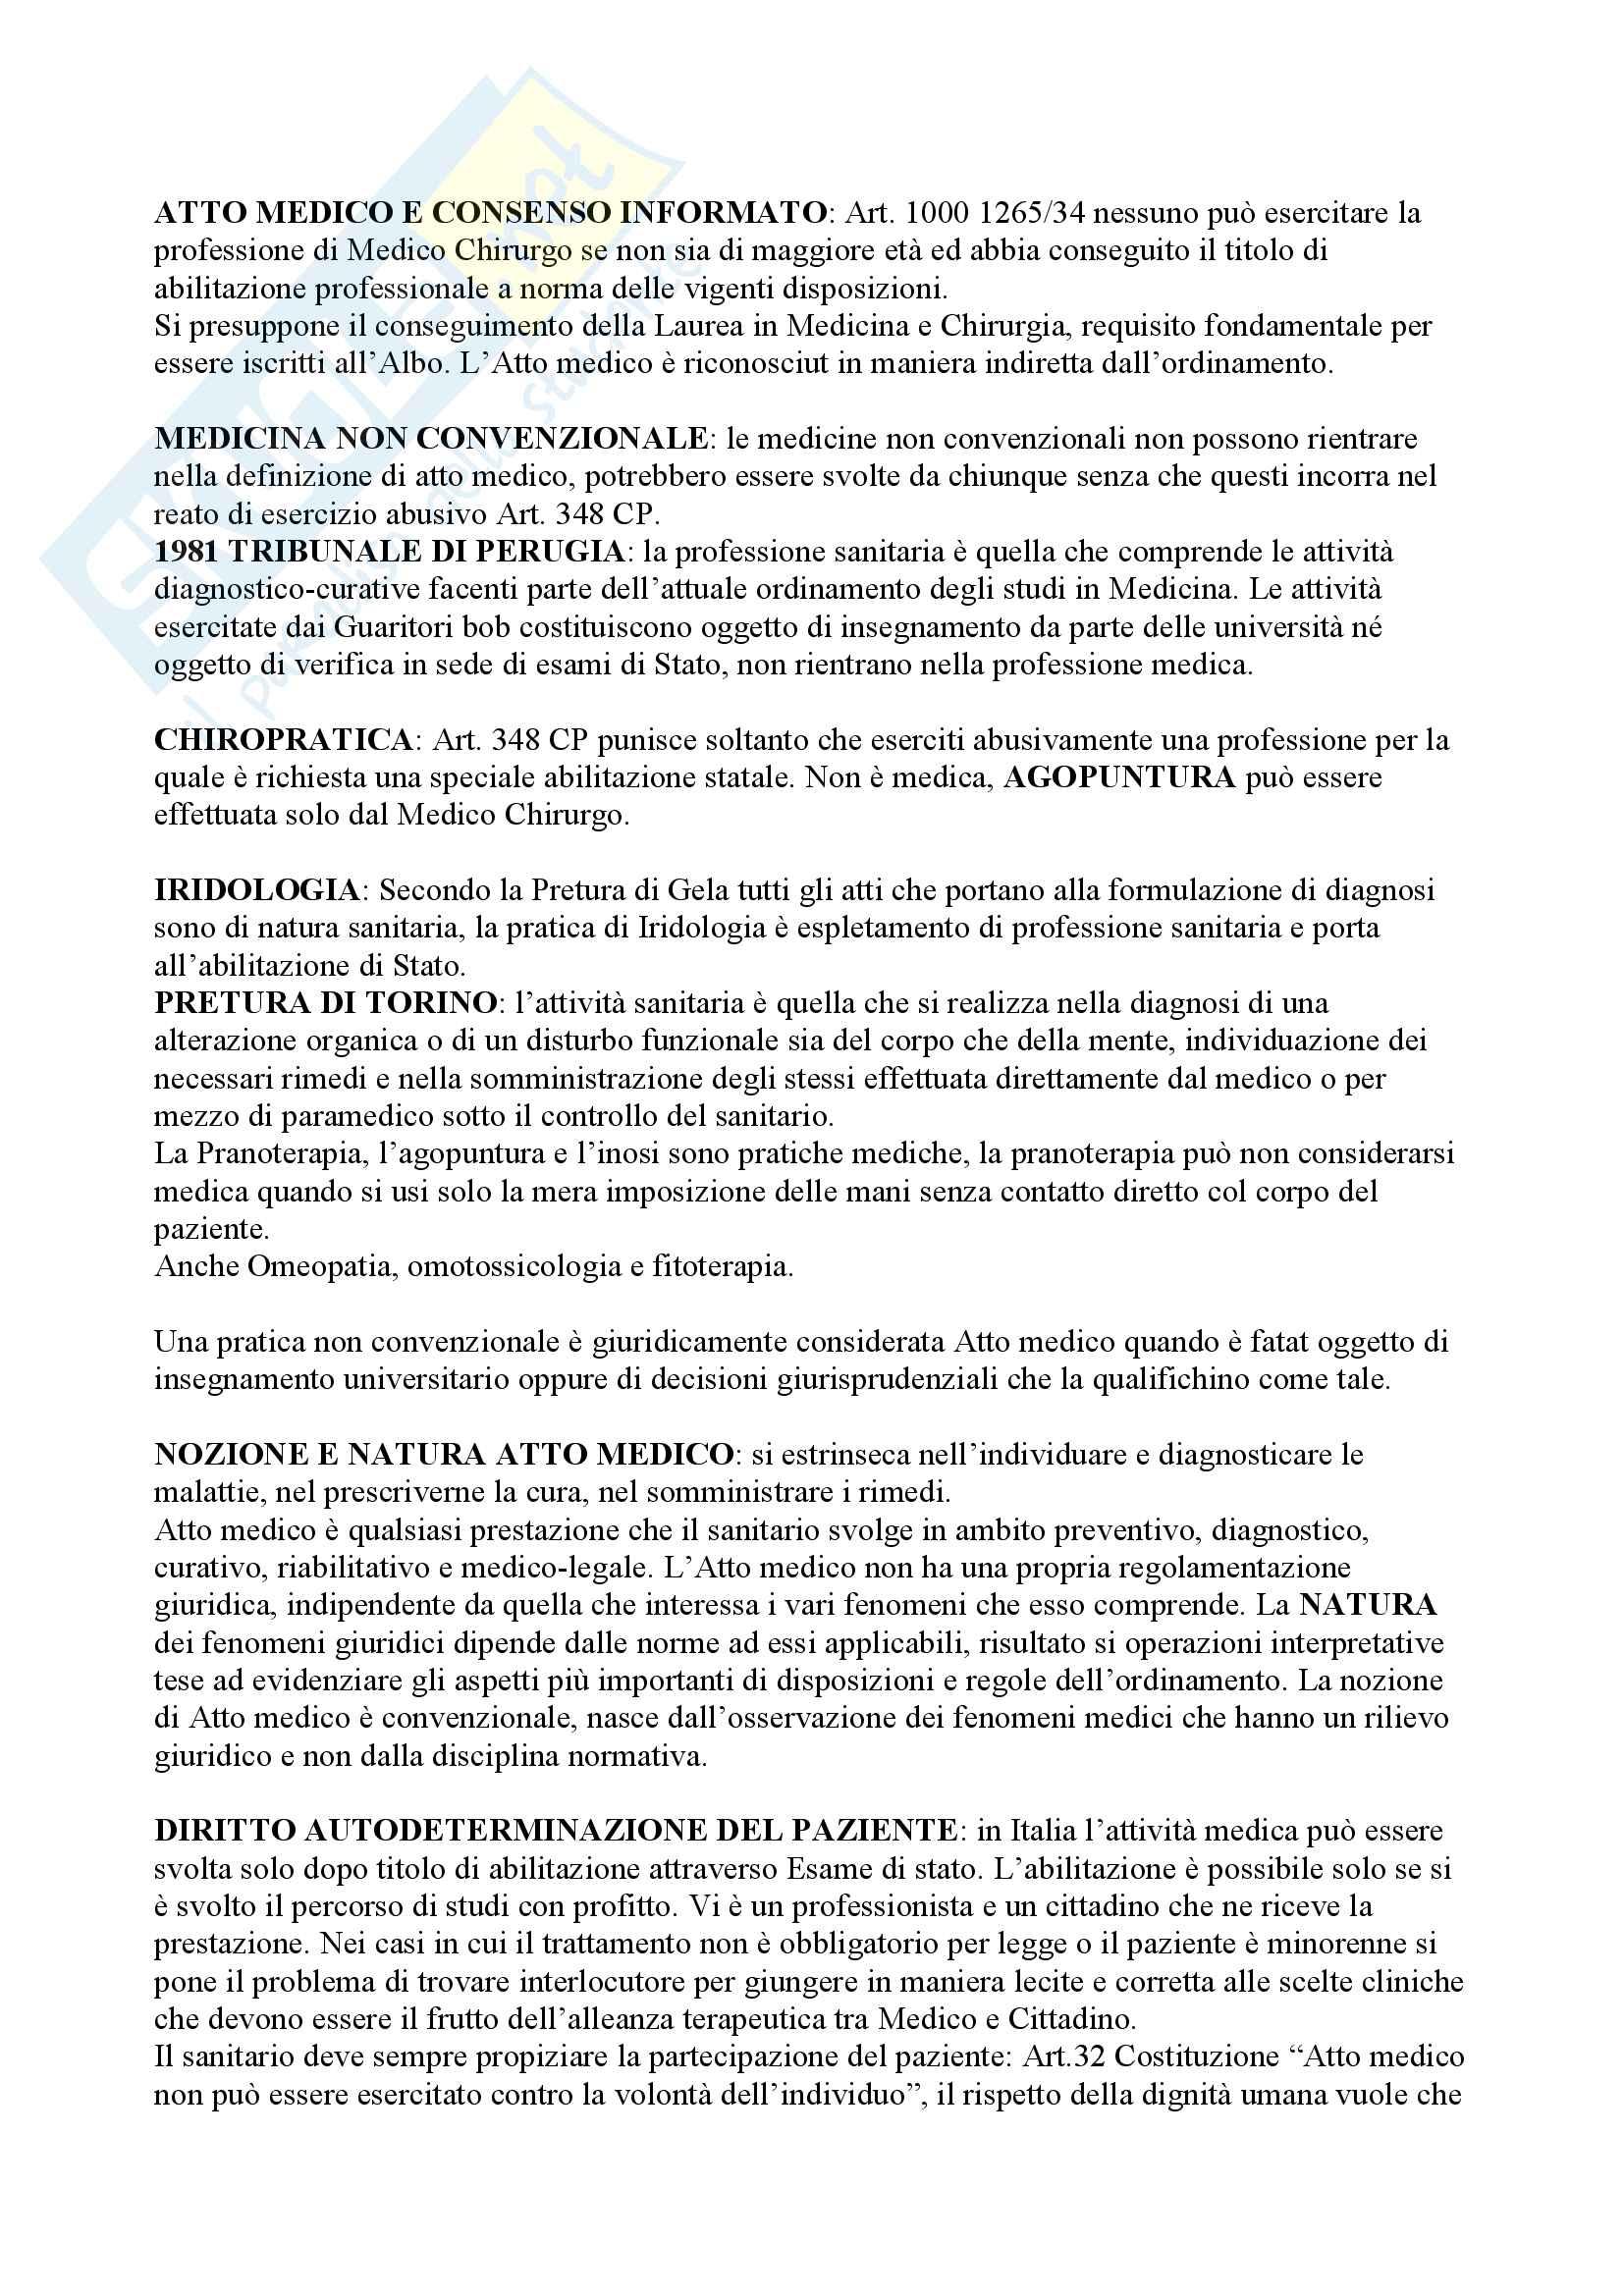 Riassunto esame Medicina Legale, libro consigliato Atto medico e consenso informato